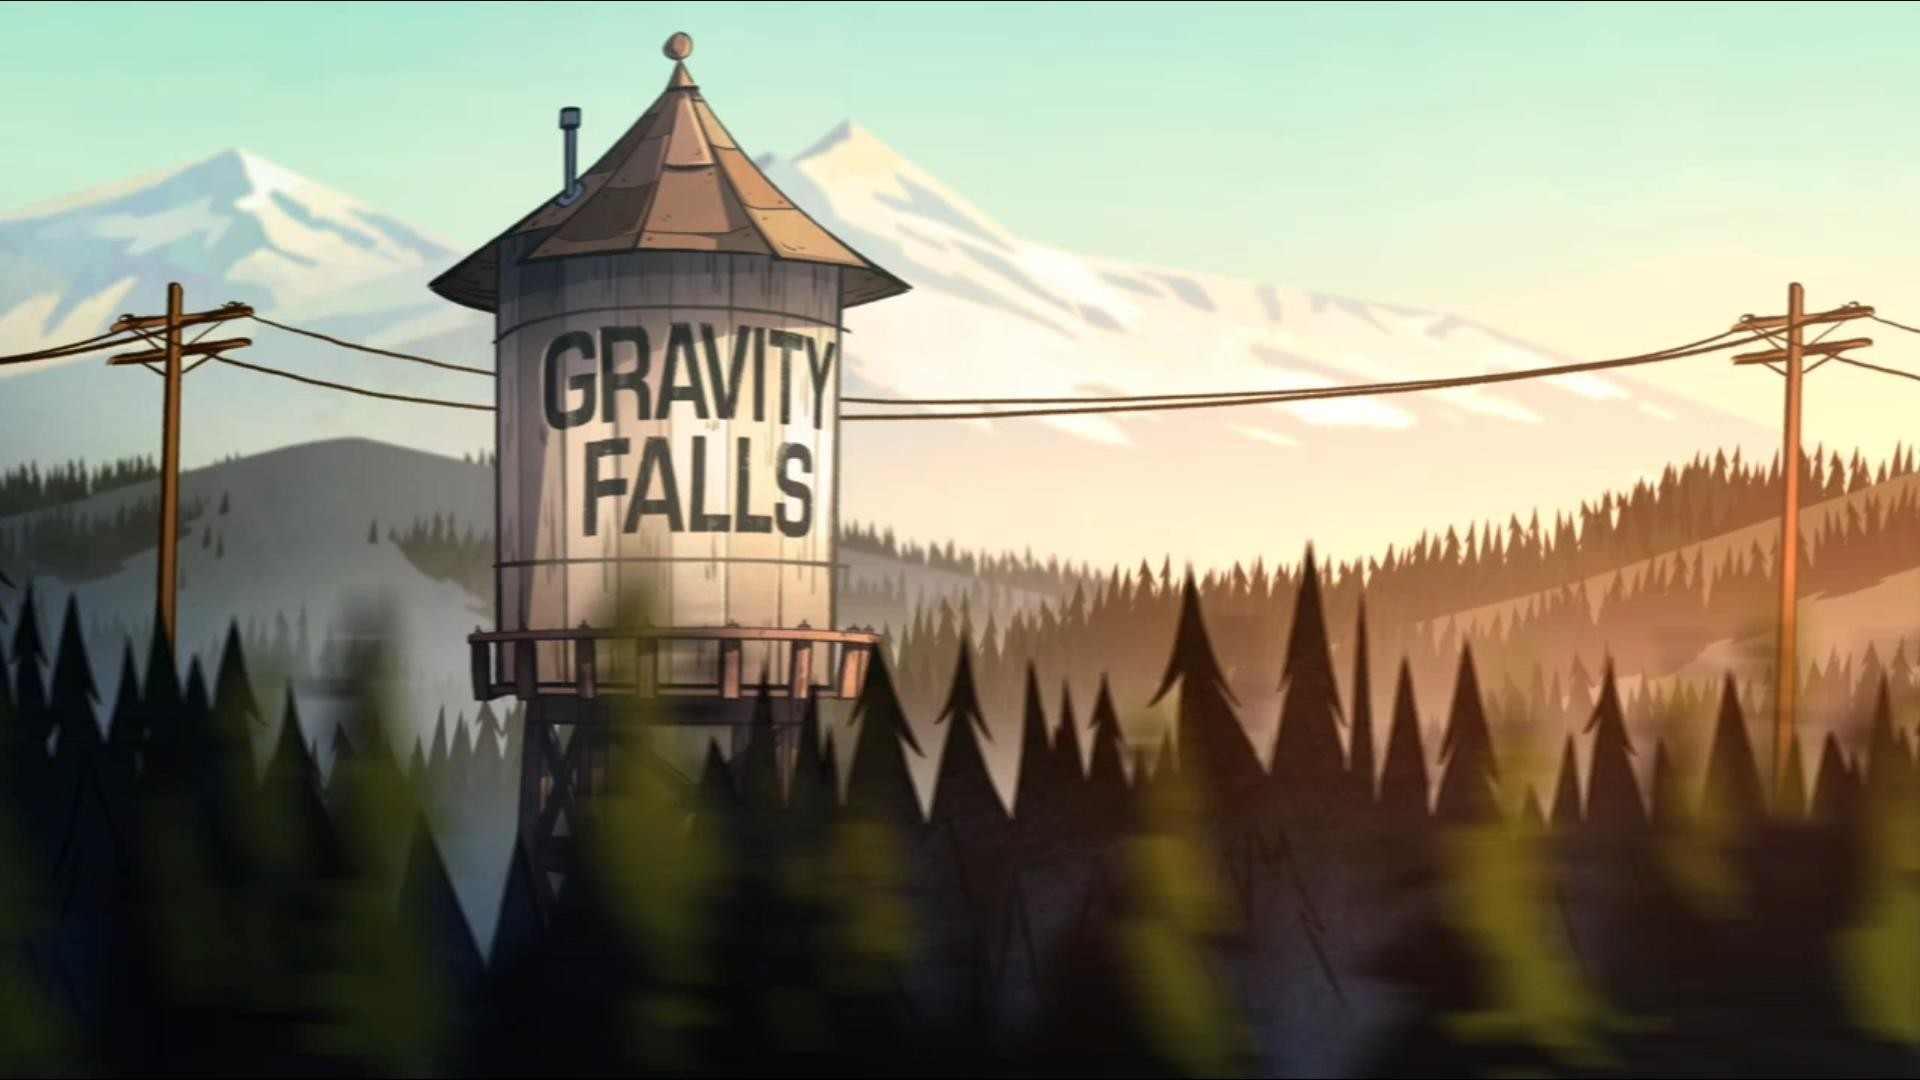 gravity falls wallpaper images (11)